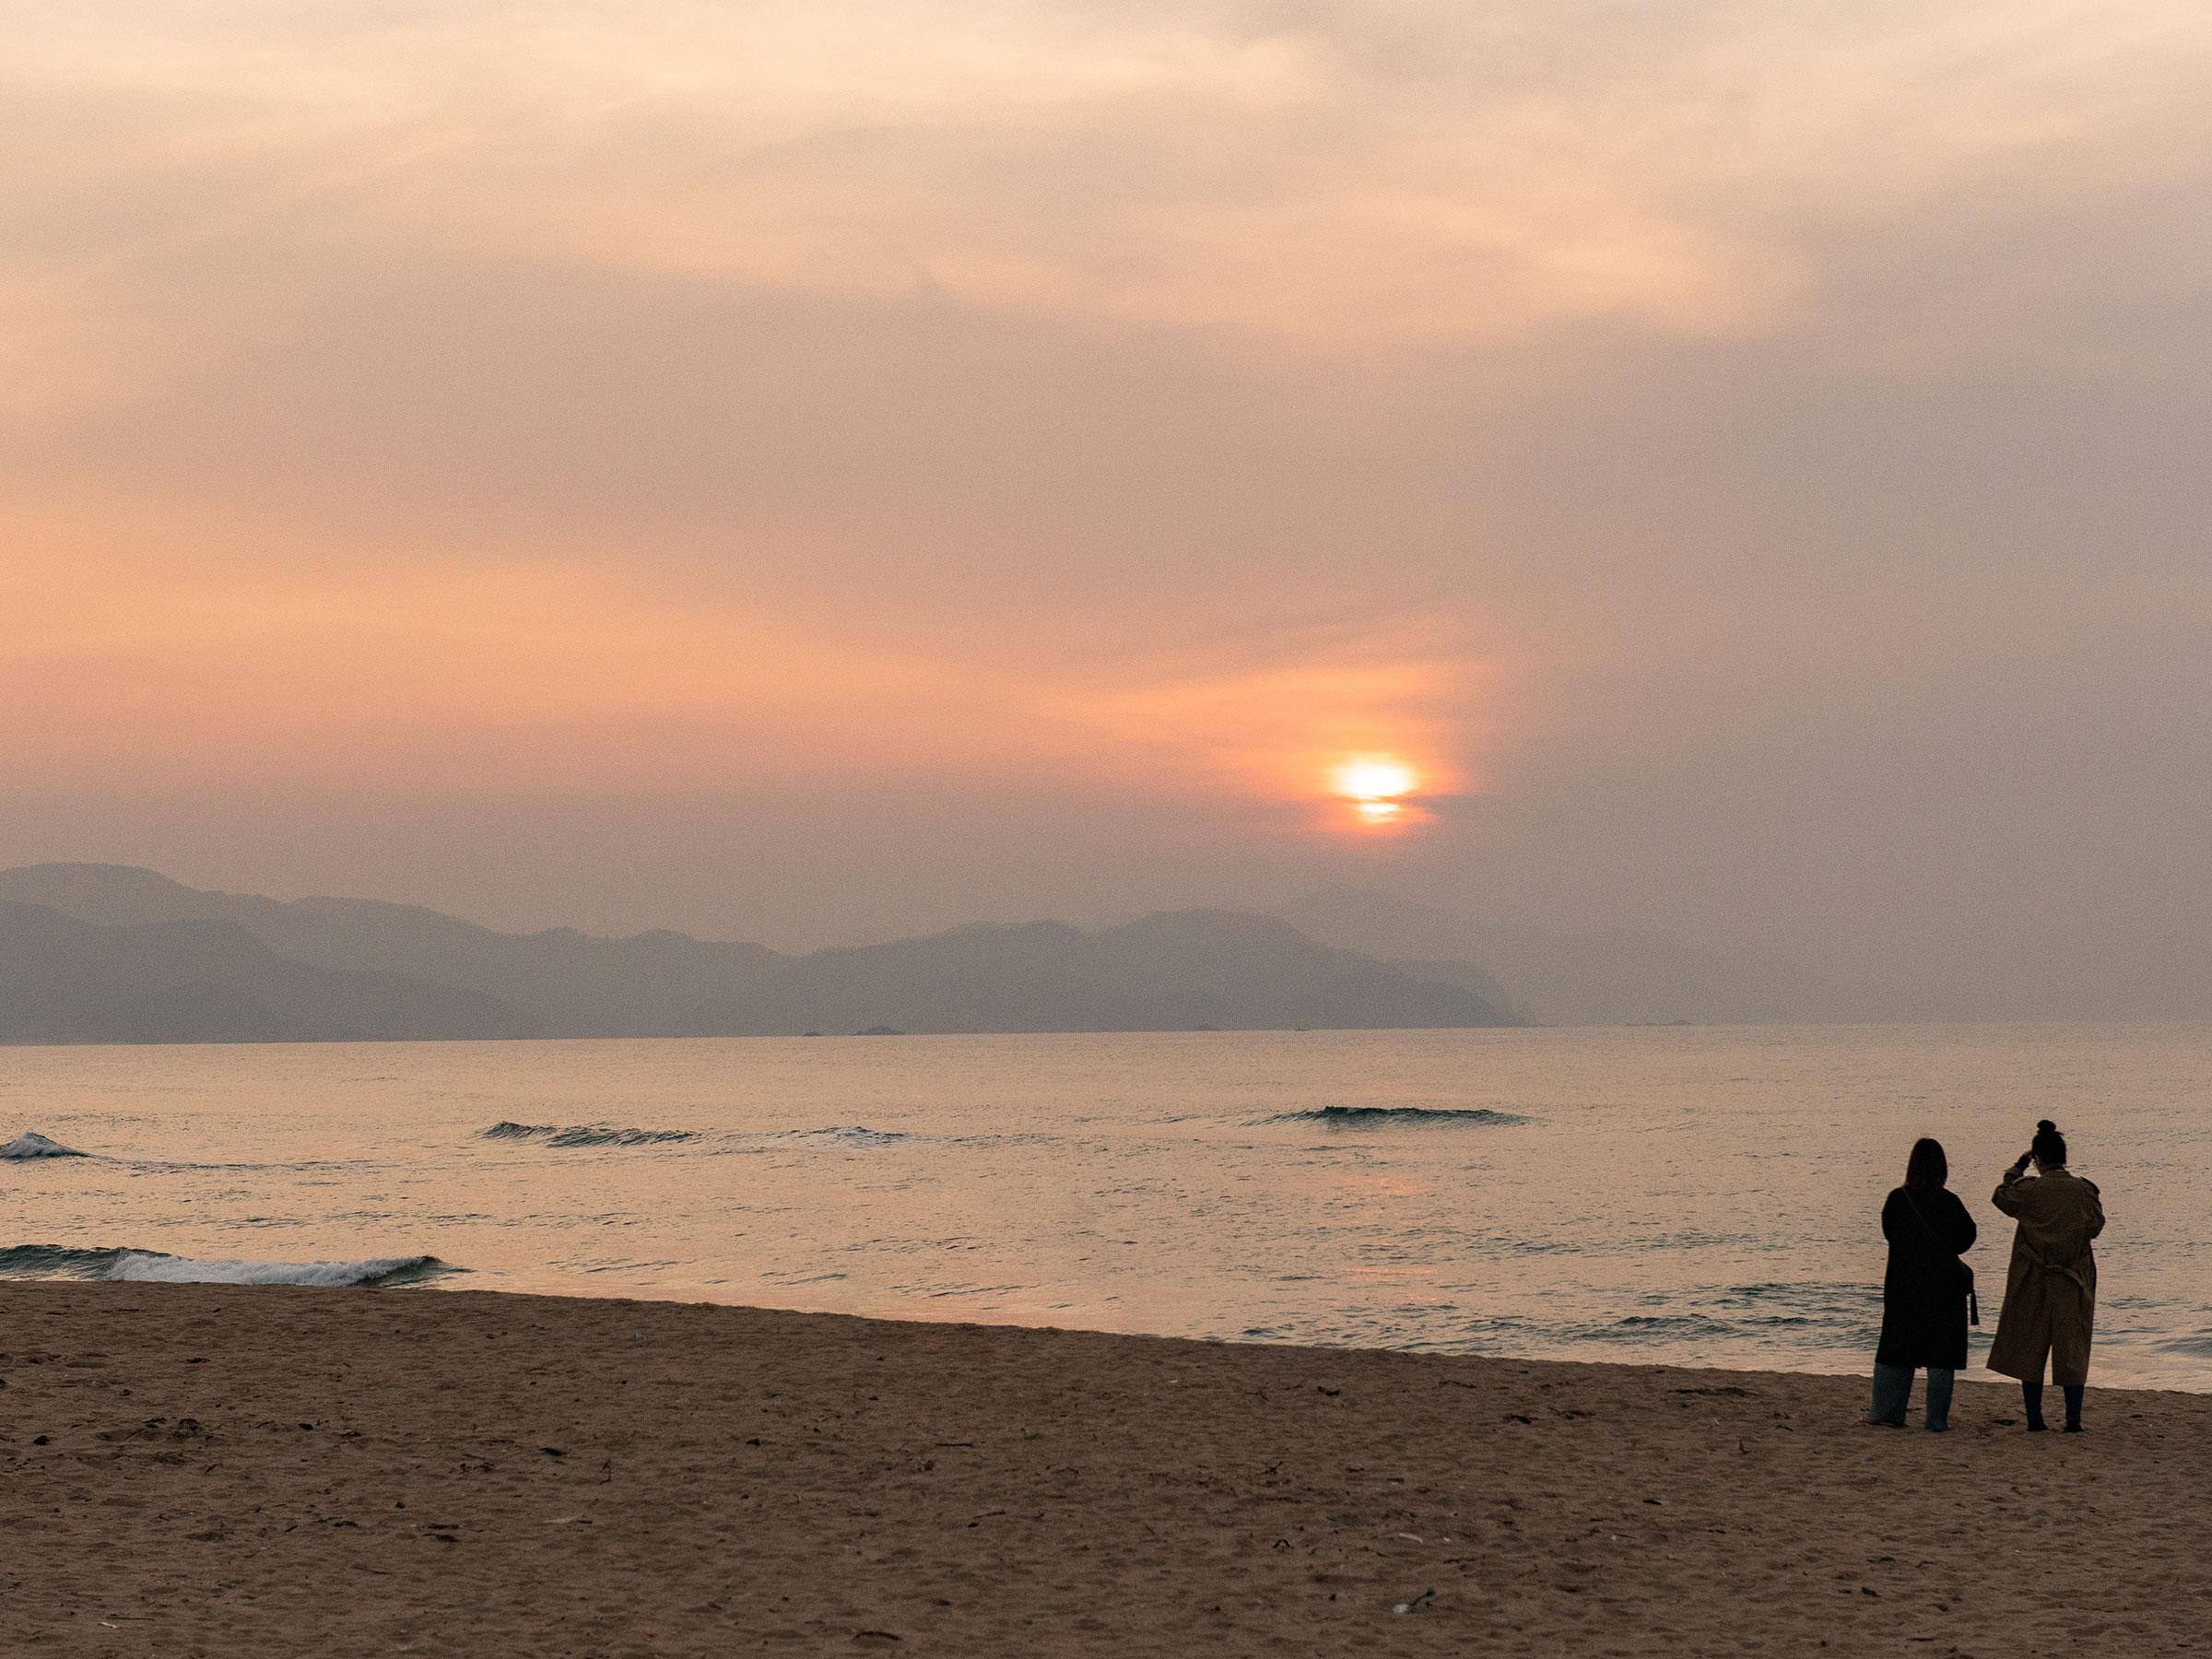 京都の魅力再発見! 夕日ヶ浦篇 心を洗う「常世の浜」の幻想的風景